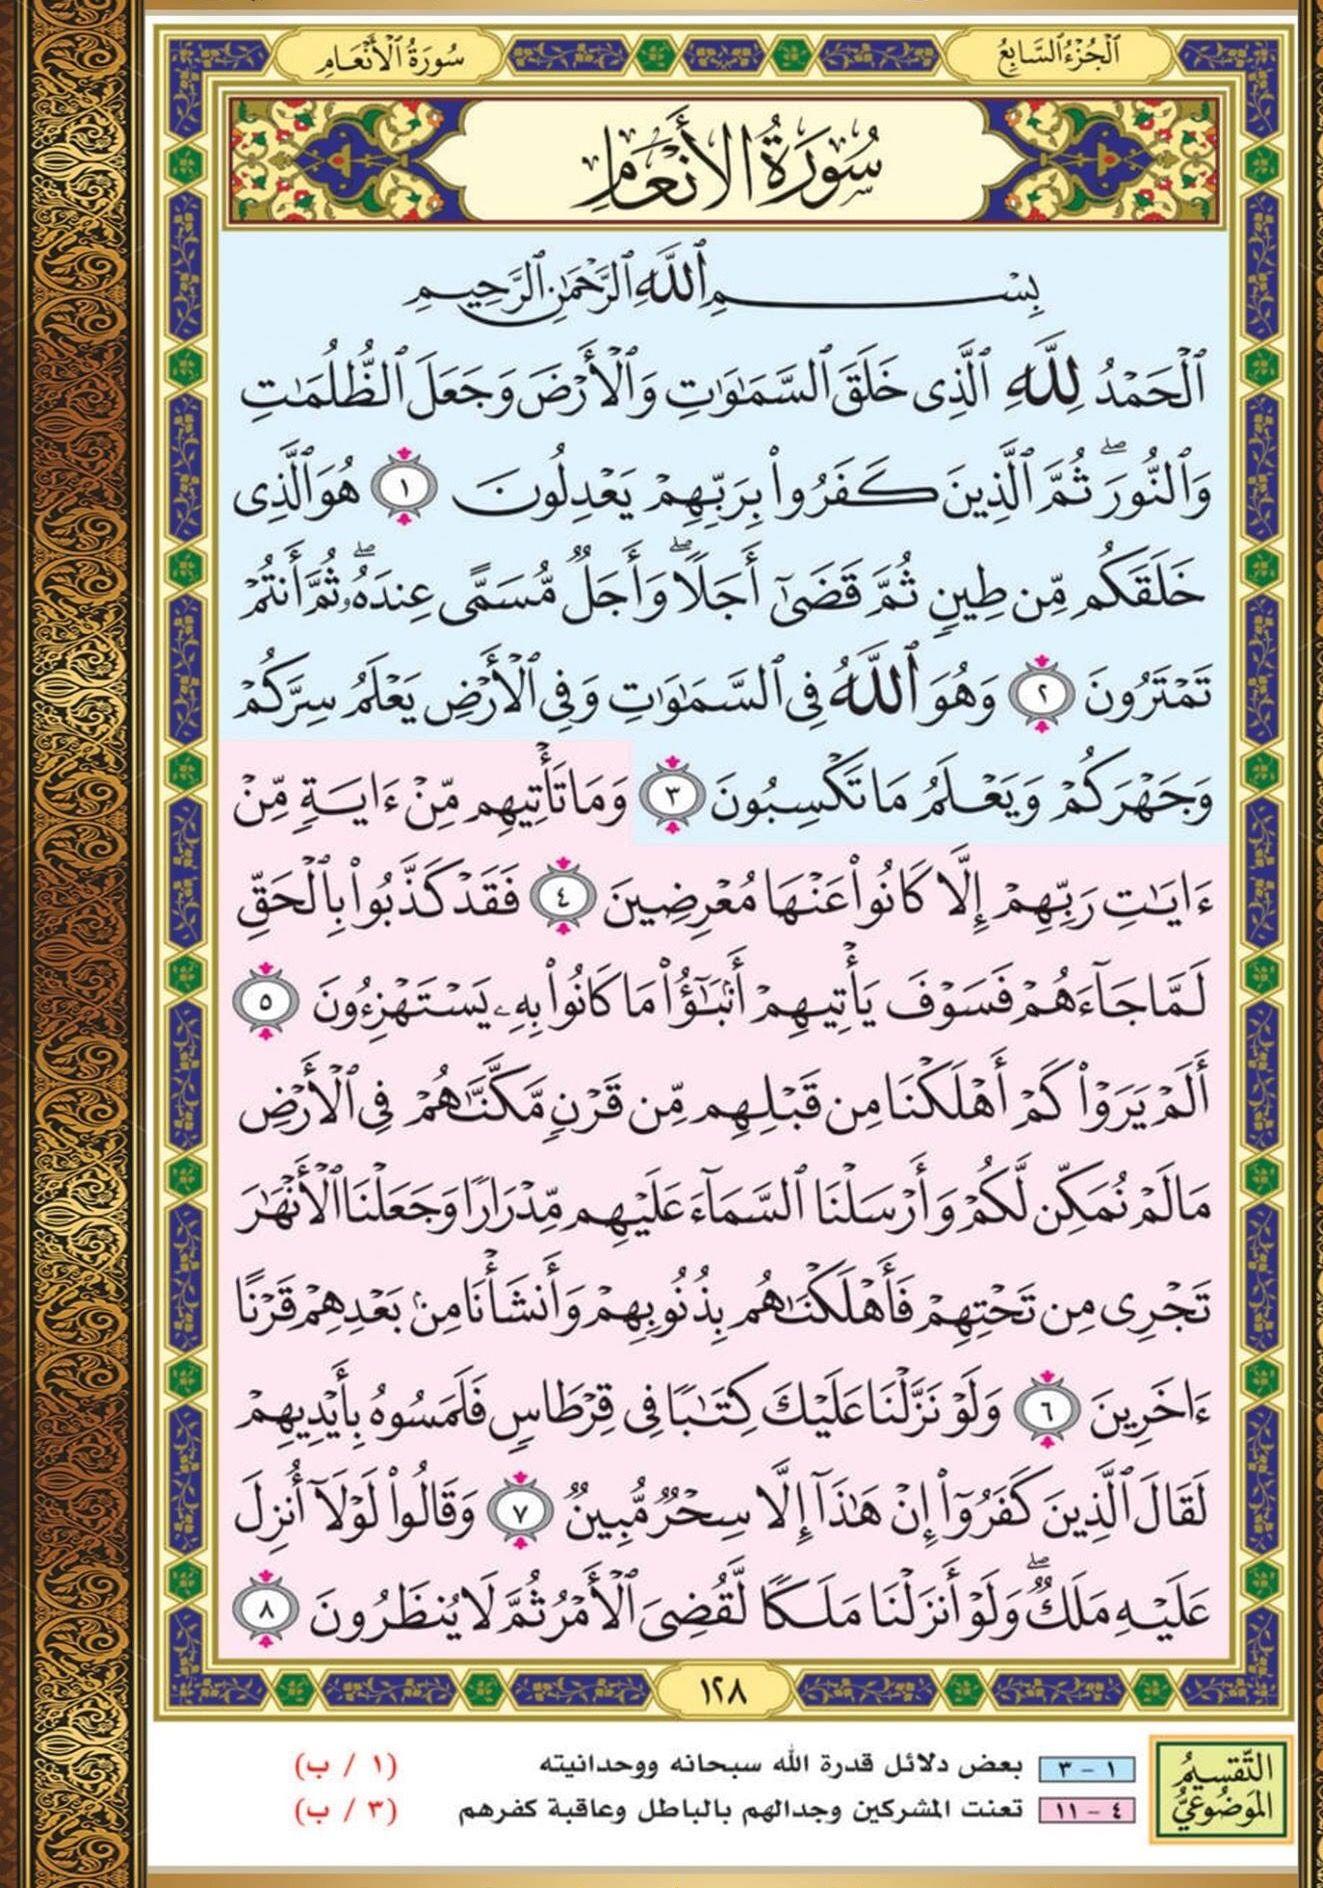 ١ ٨ الأنعام مصحف التقسيم الموضوعي Holy Quran Book Quran Book Quran Verses